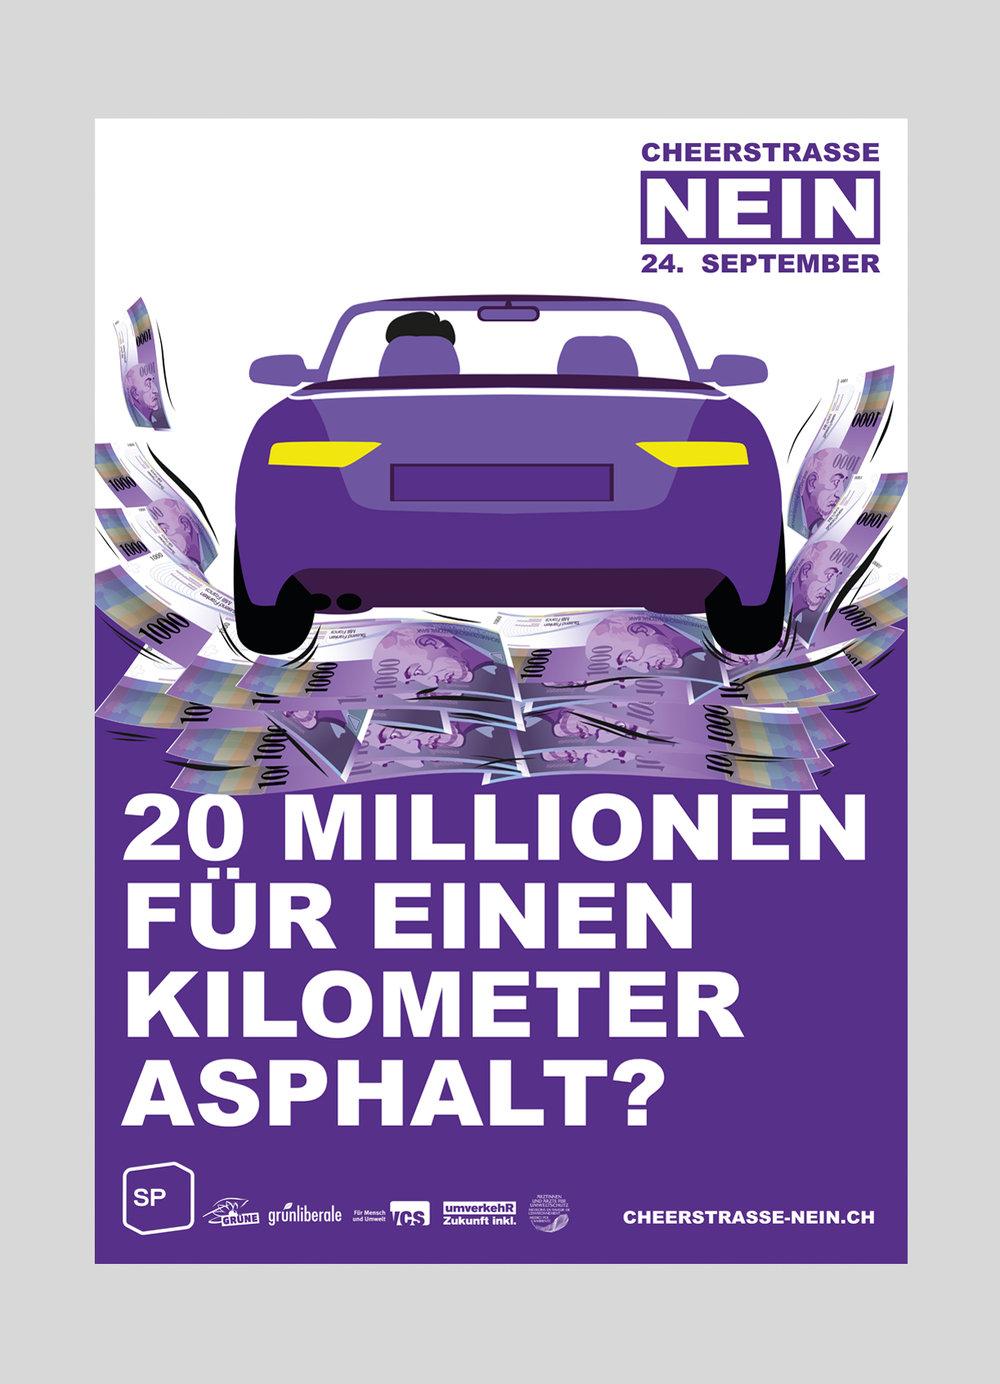 SP Stadt Luzern – Nein zur Cheerstrasse | 2017  Politische Kampagne für eine Abstimmung in der Stadt Luzern.